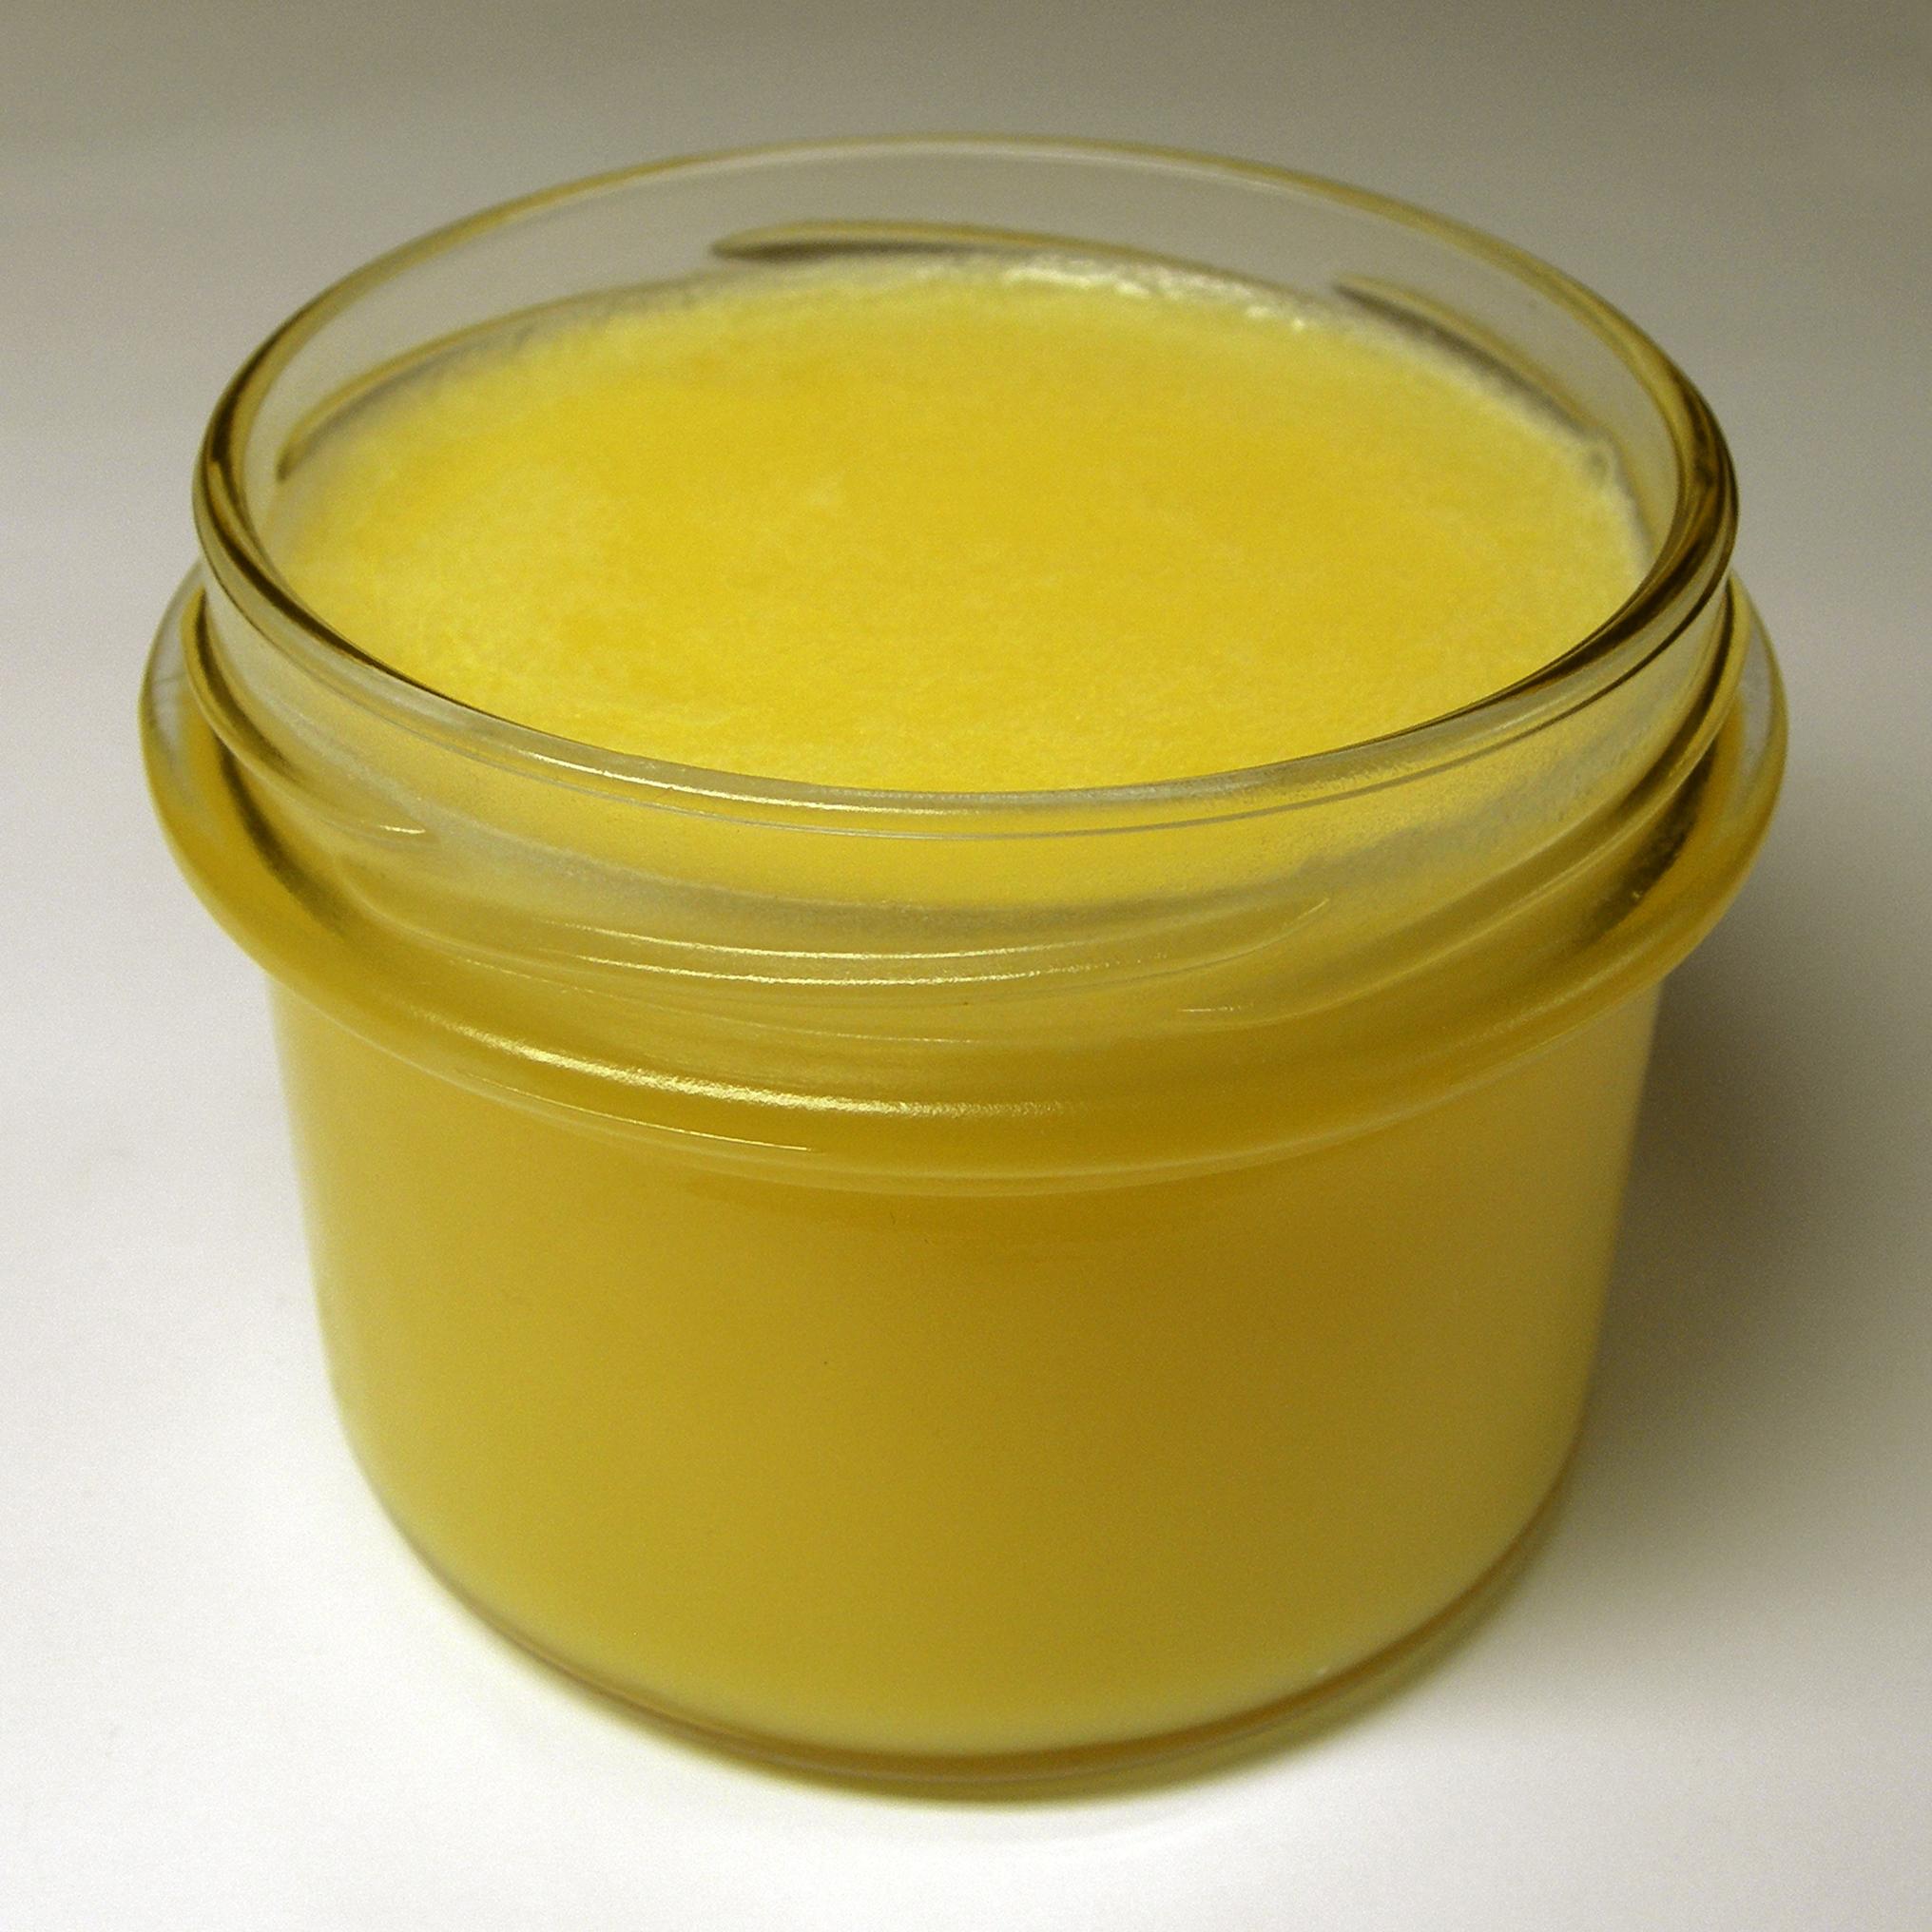 Přepuštěné máslo při pokojové teplotě